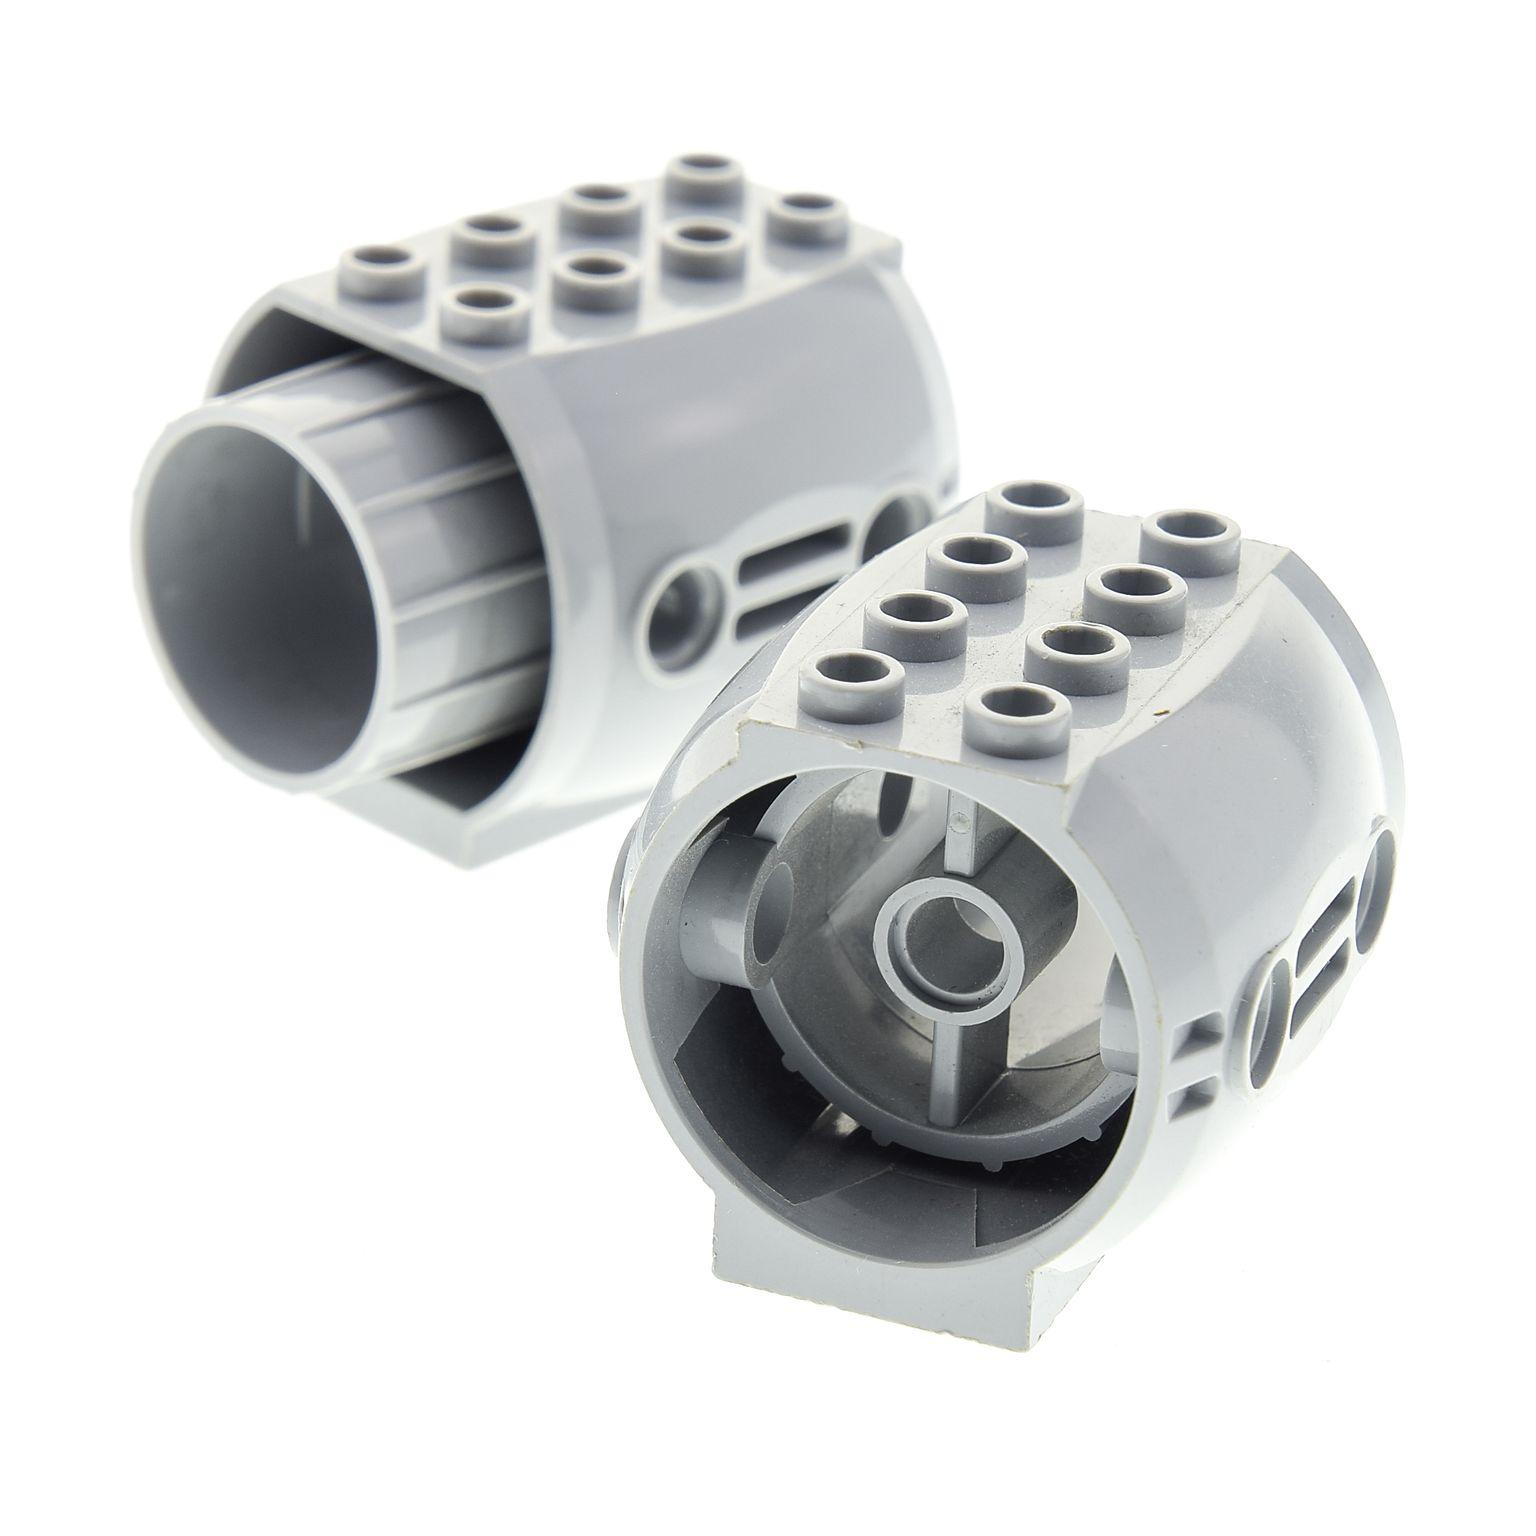 1x Lego Zylinder rund Stein schwarz 2x2 bedruckt Antrieb Star Wars 7133 30361px3